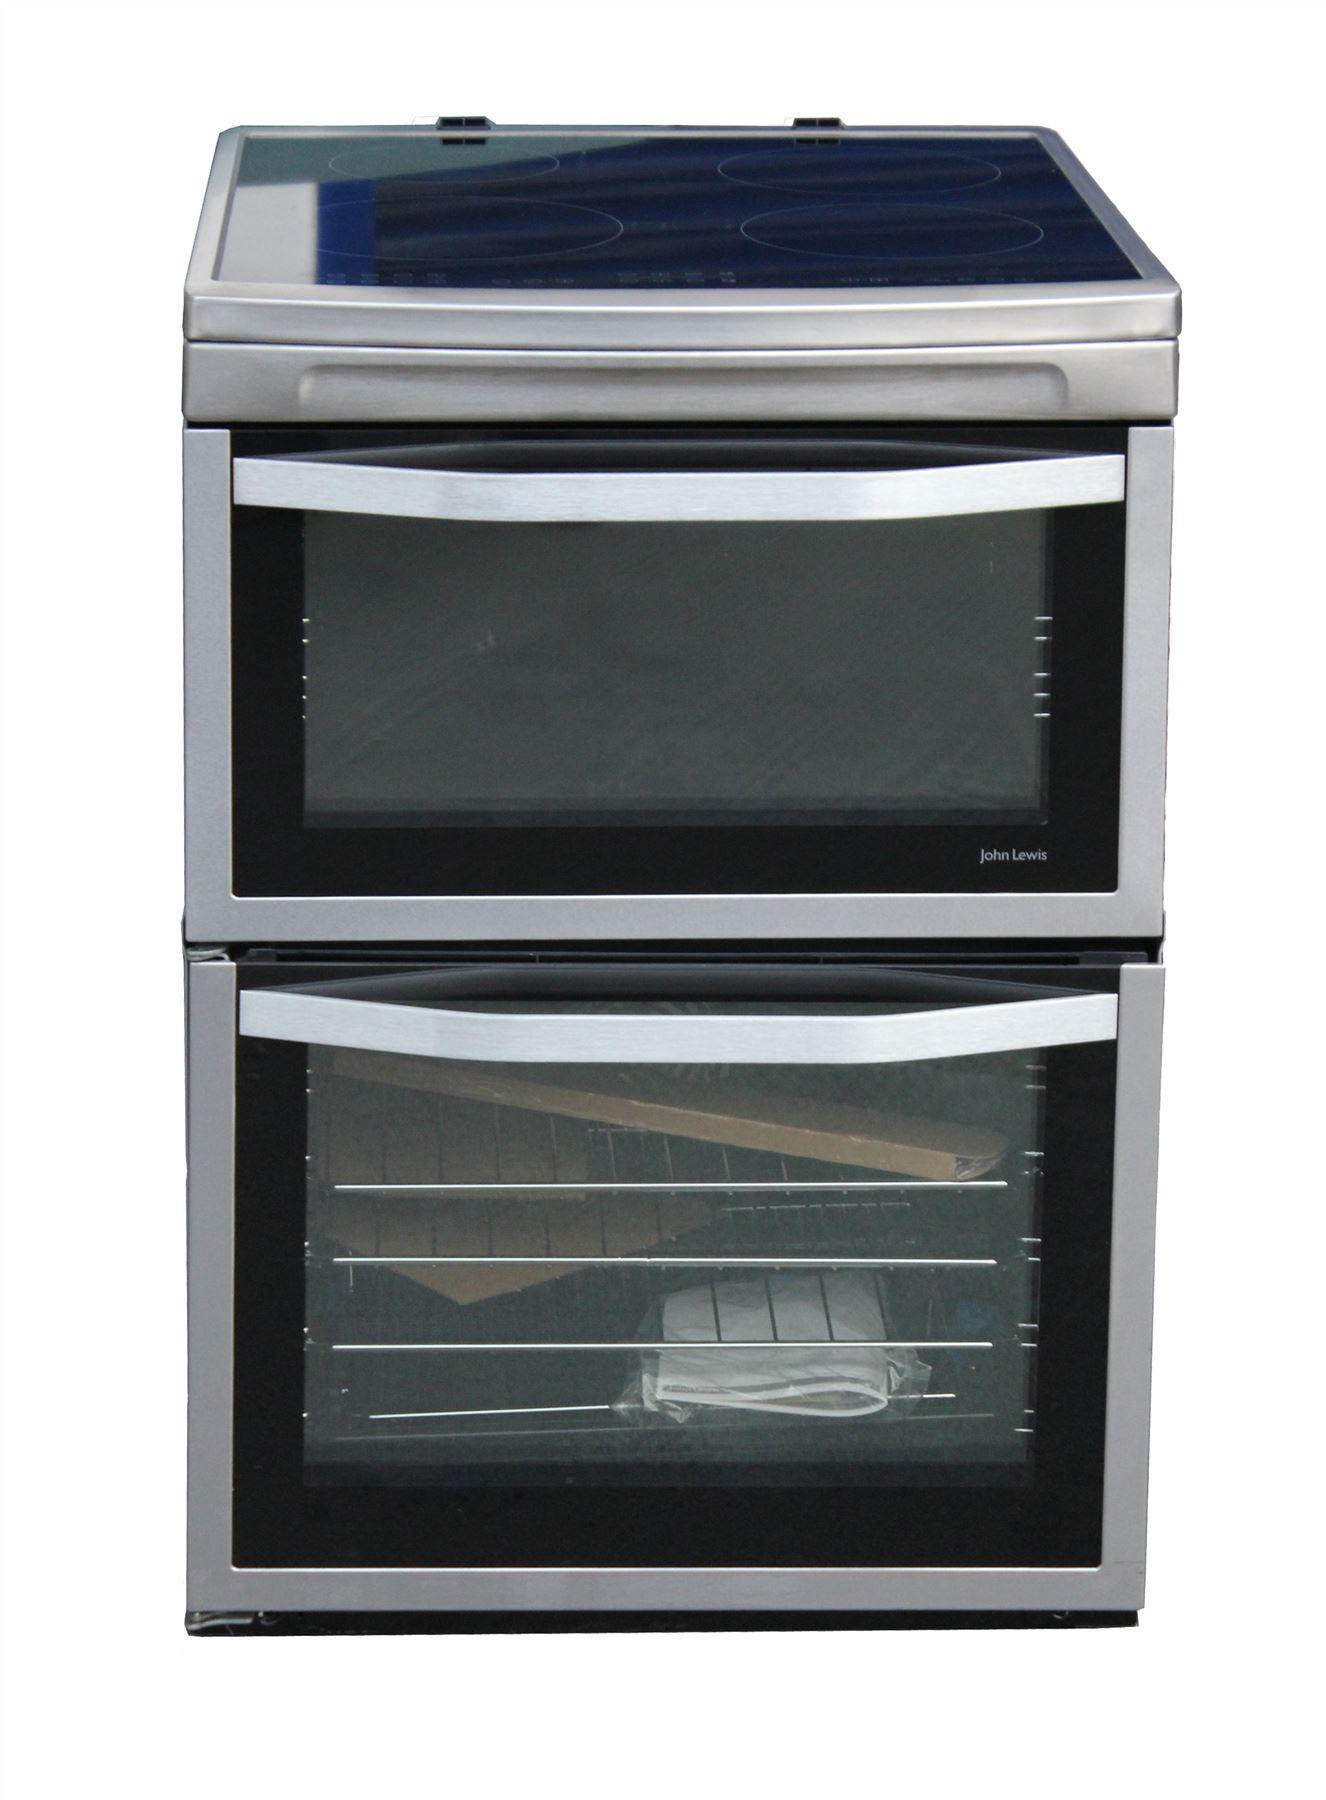 john lewis induction cooker electric 60cm aeg. Black Bedroom Furniture Sets. Home Design Ideas